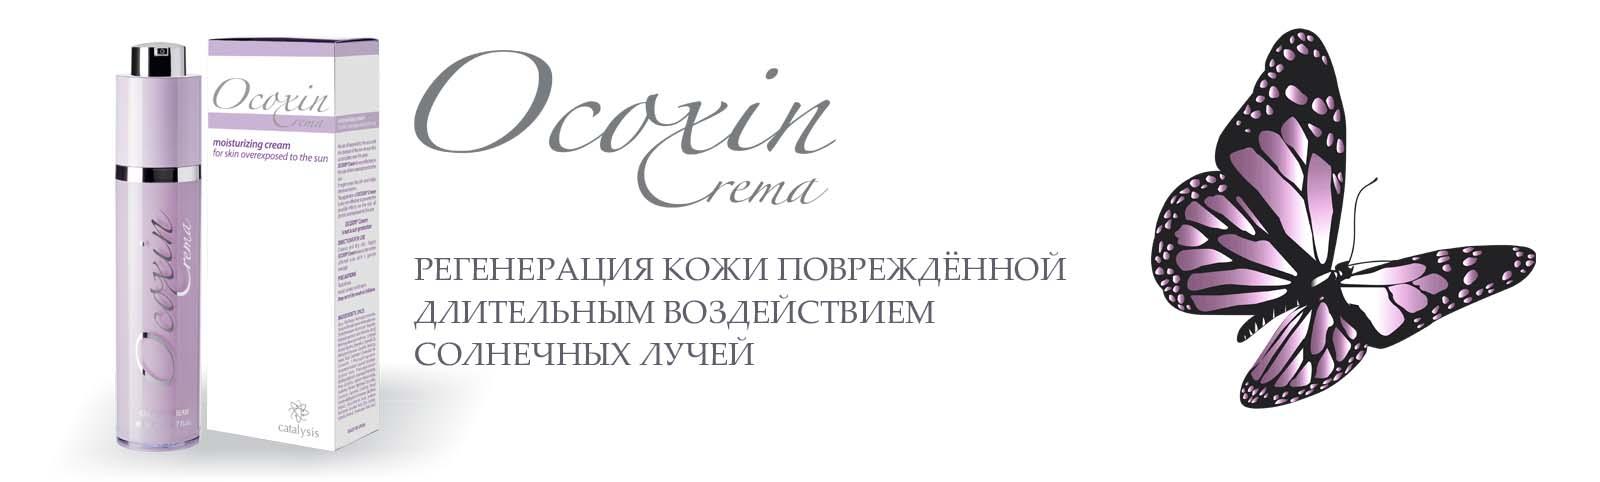 косметика pleyana официальный сайт купить